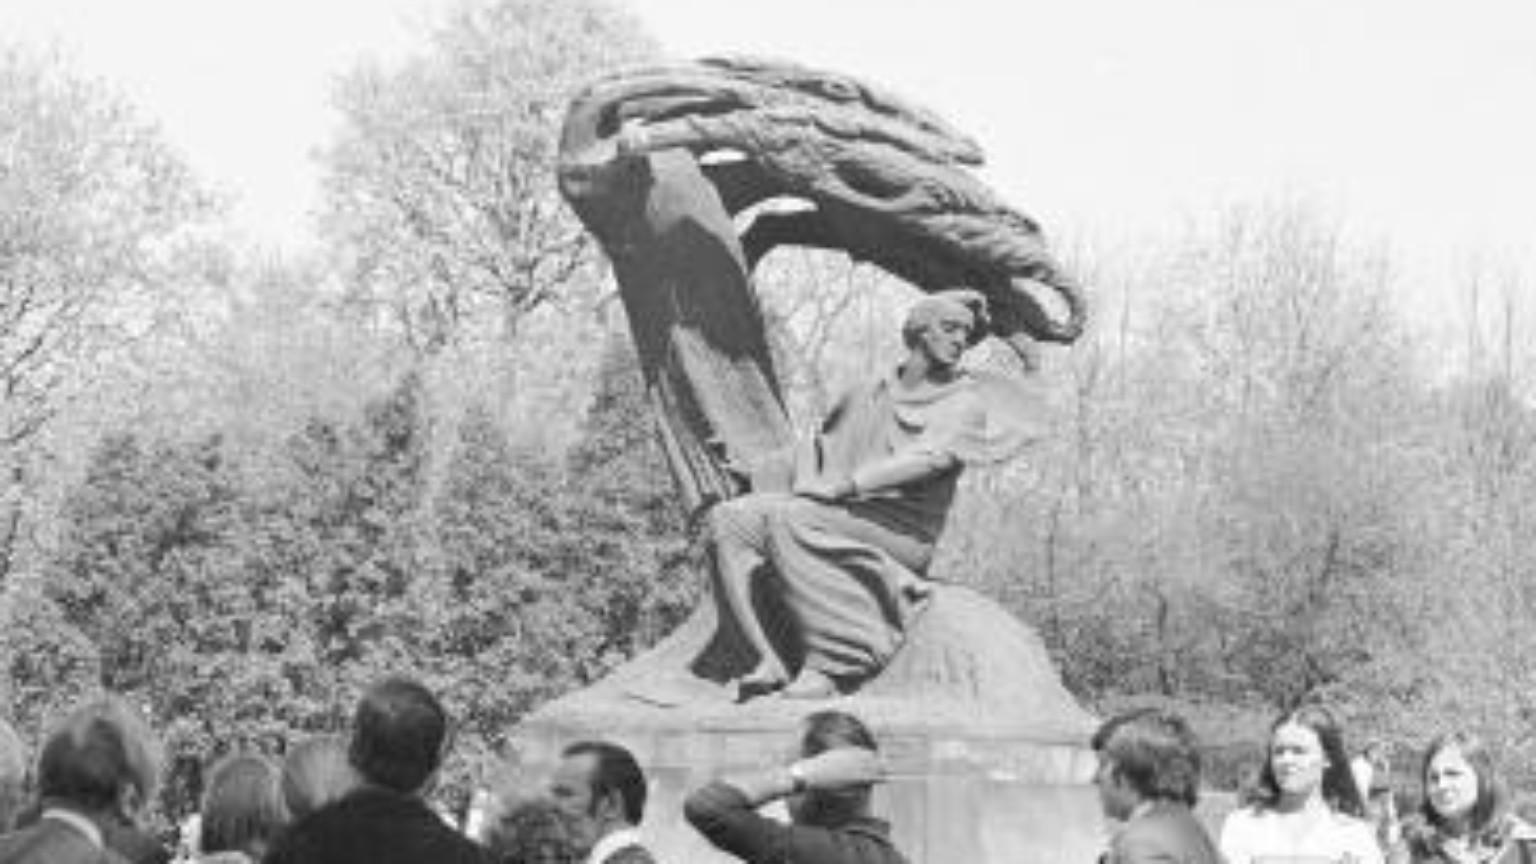 Zdjęcie dla kartki: Odsłonięcie zrekonstruowanego pomnika Fryderyka Chopina w Łazienkach